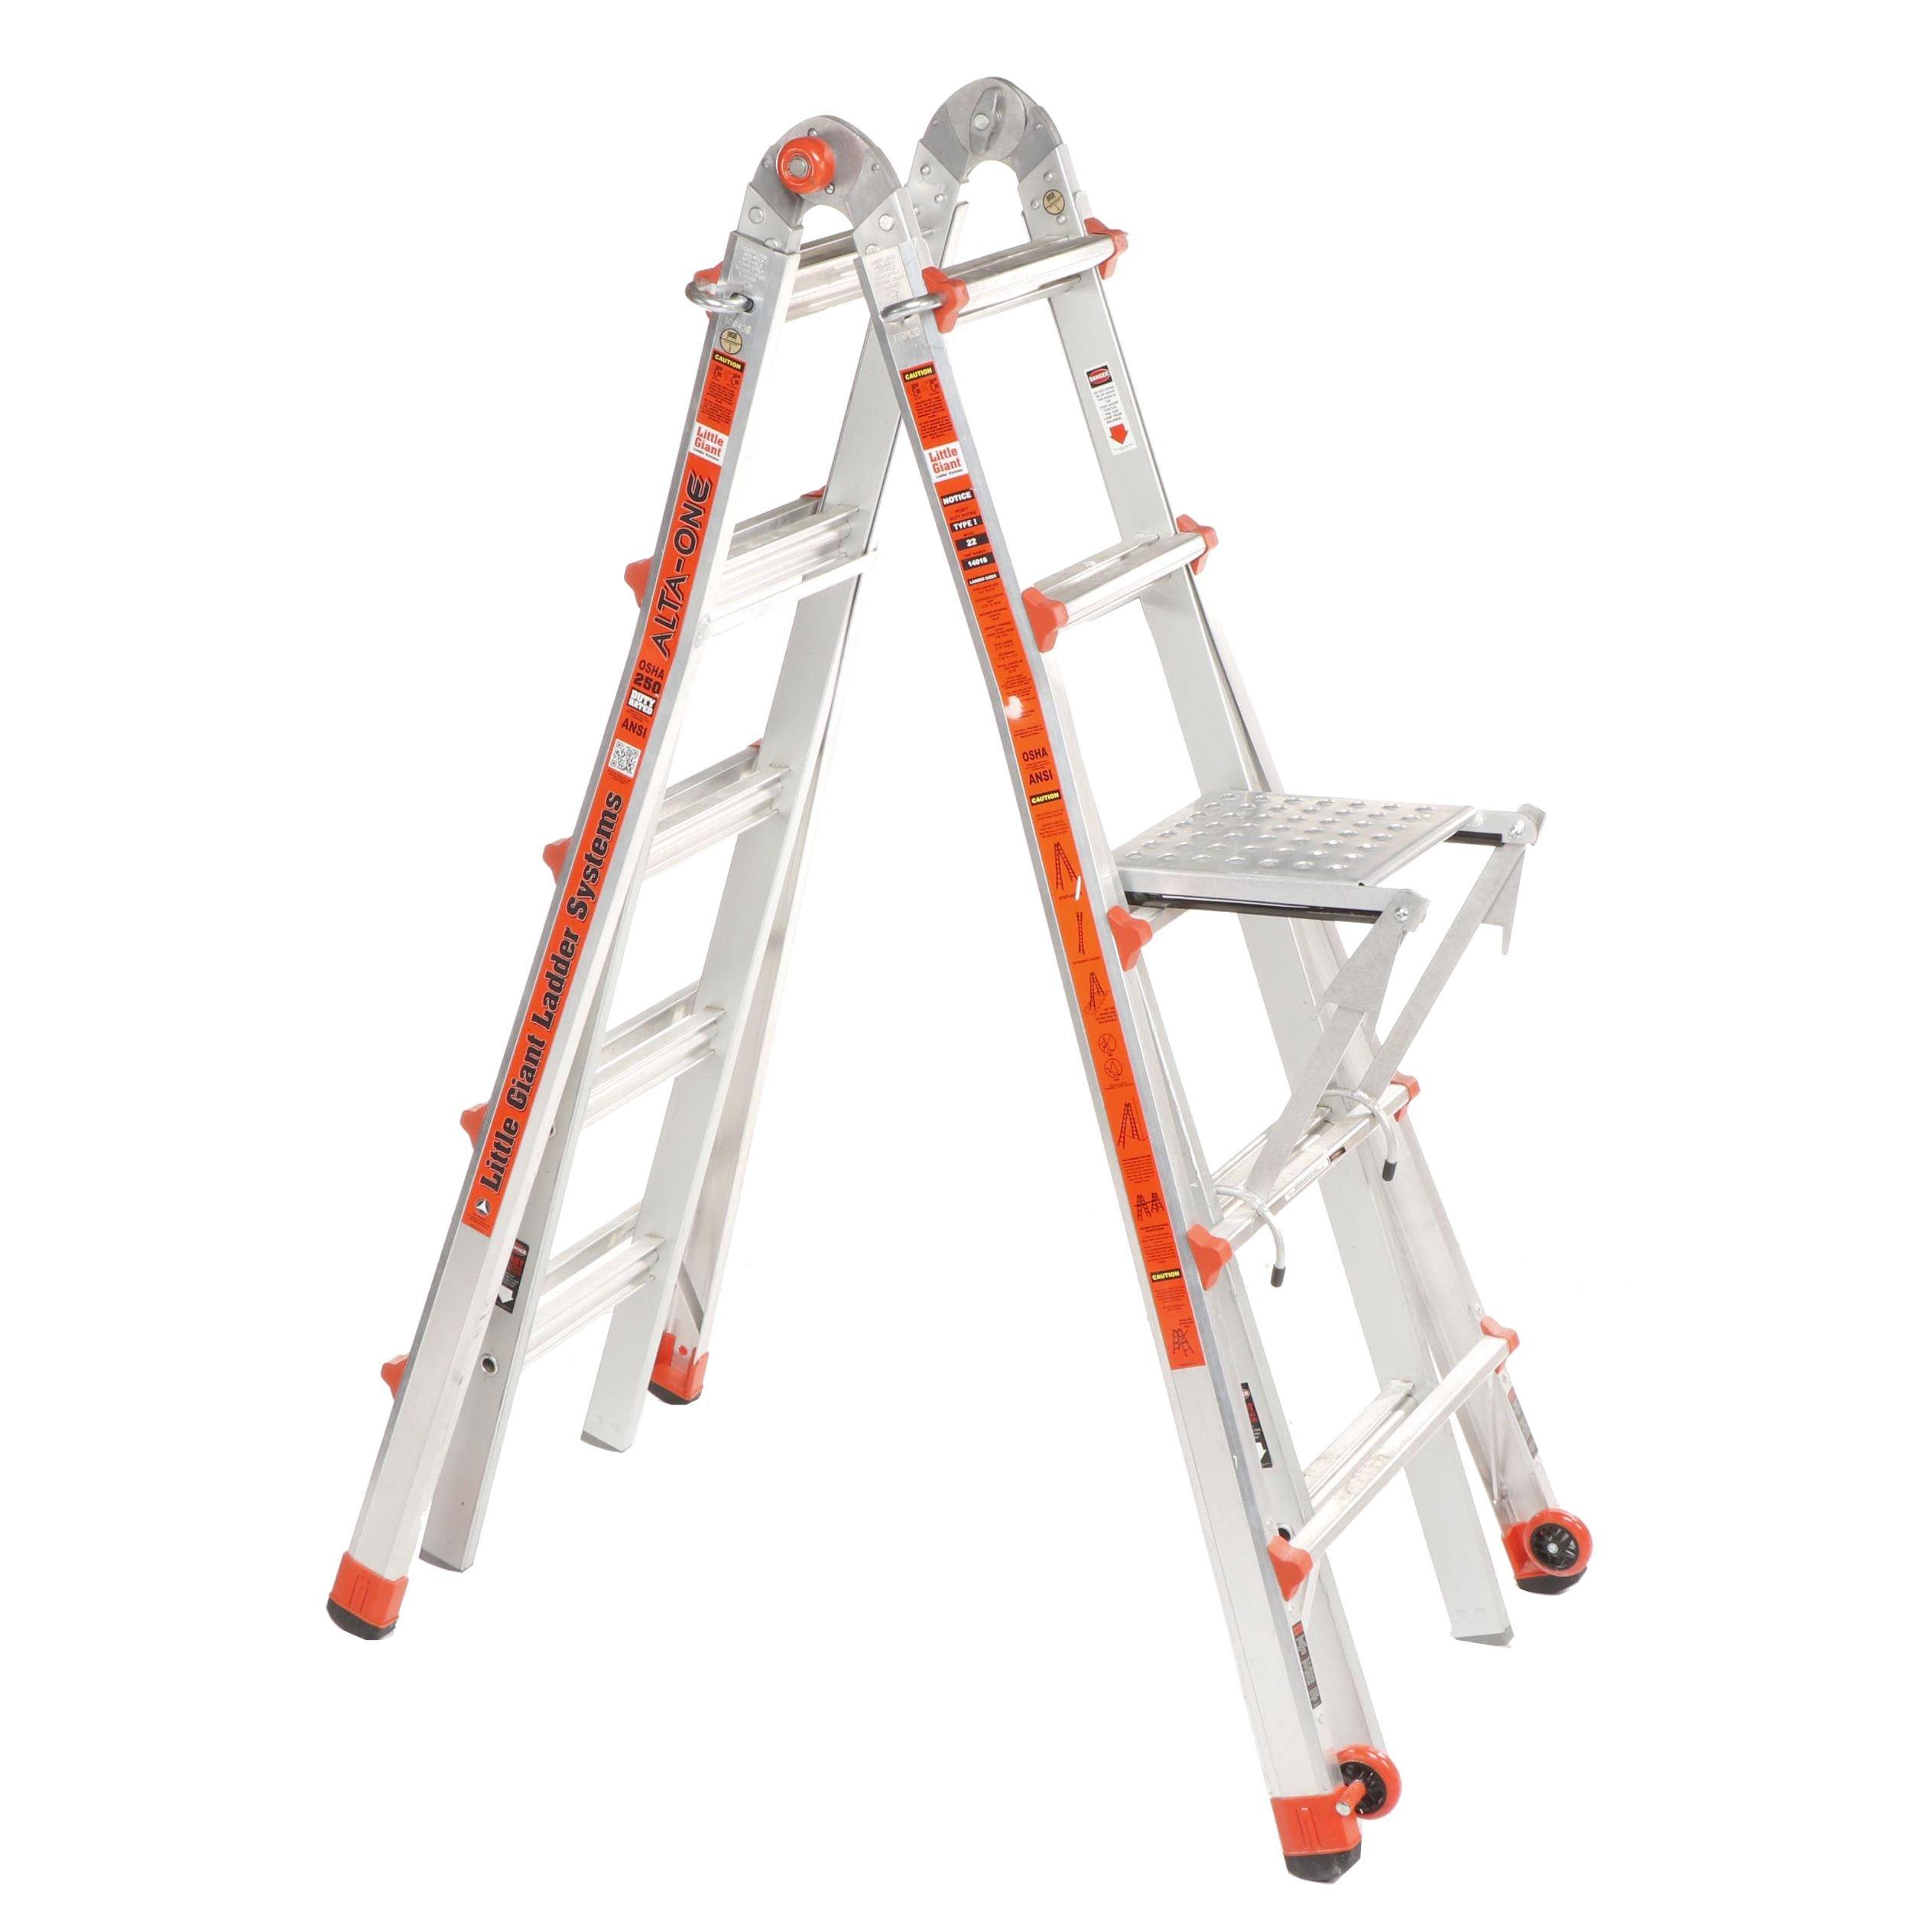 Alta-One Little Giant Model 22 Ladder